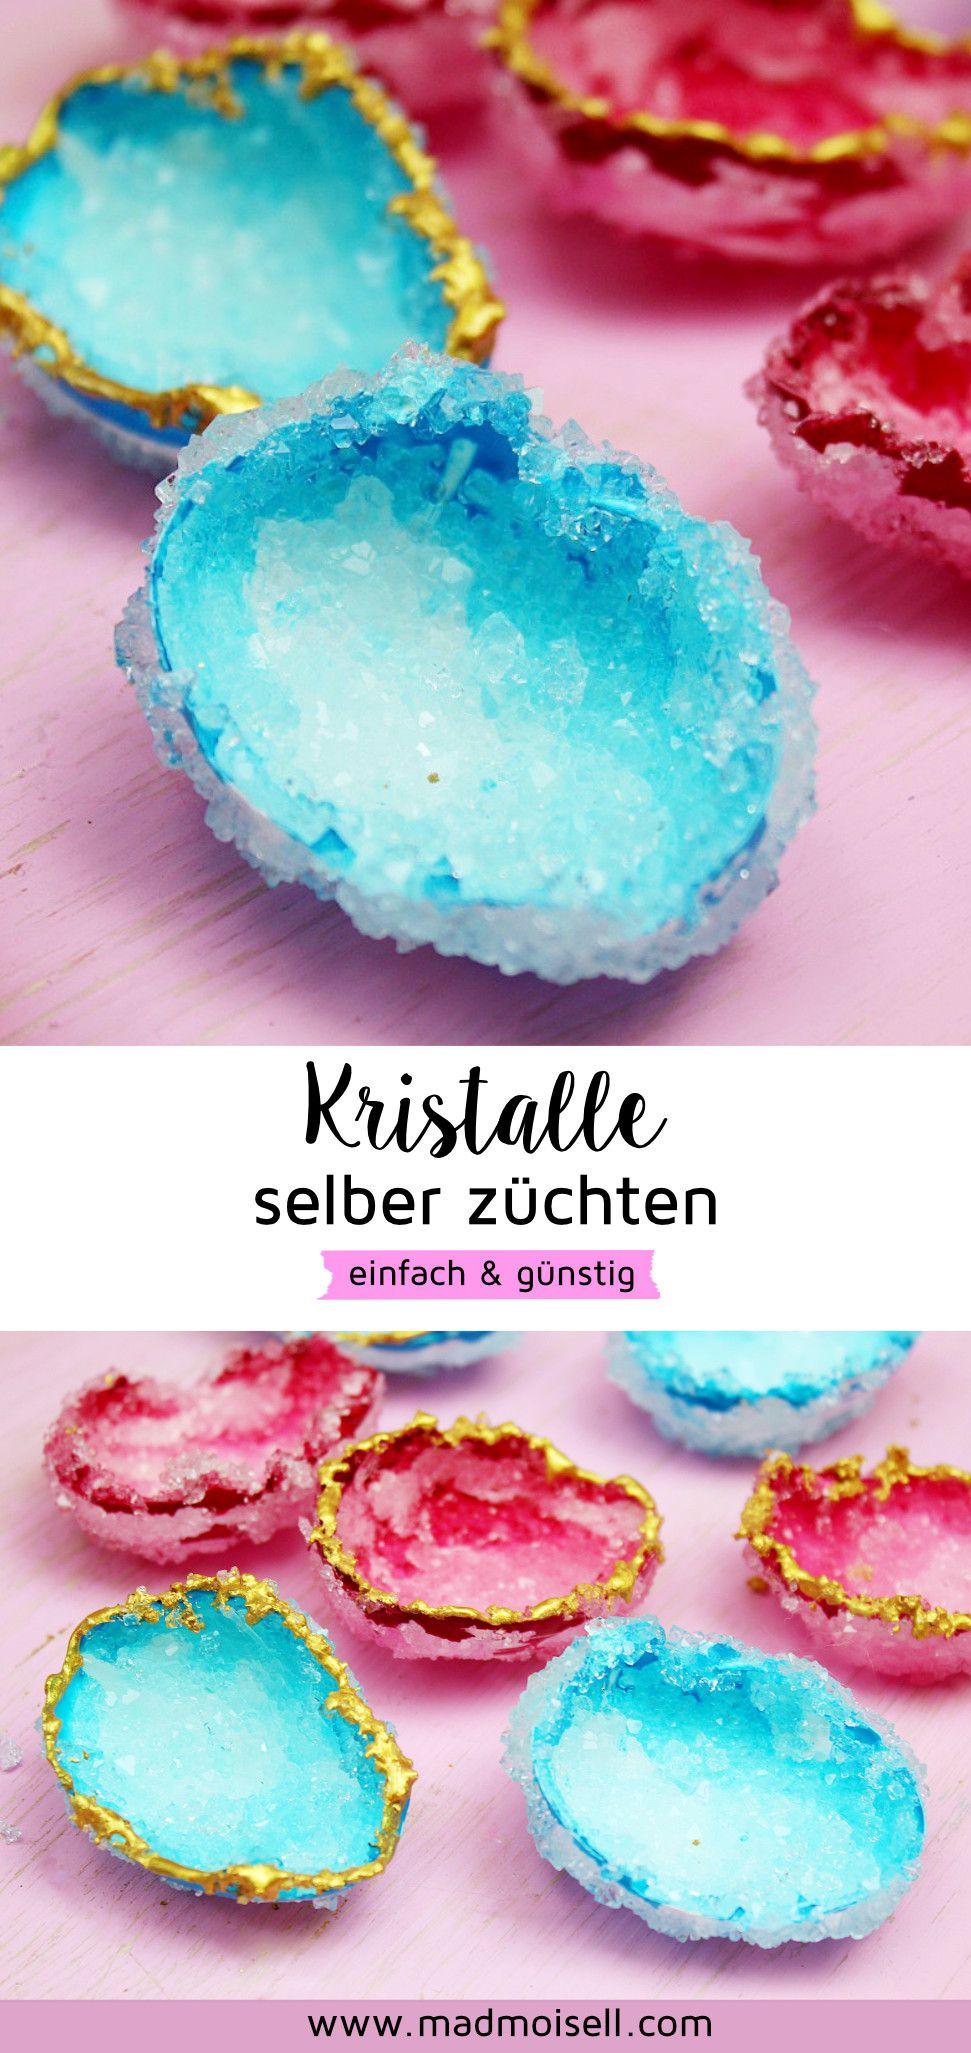 DIY Kristalle selber züchten mit Alaune und Eierschalen: Einfach & Günstig #zuhausediy